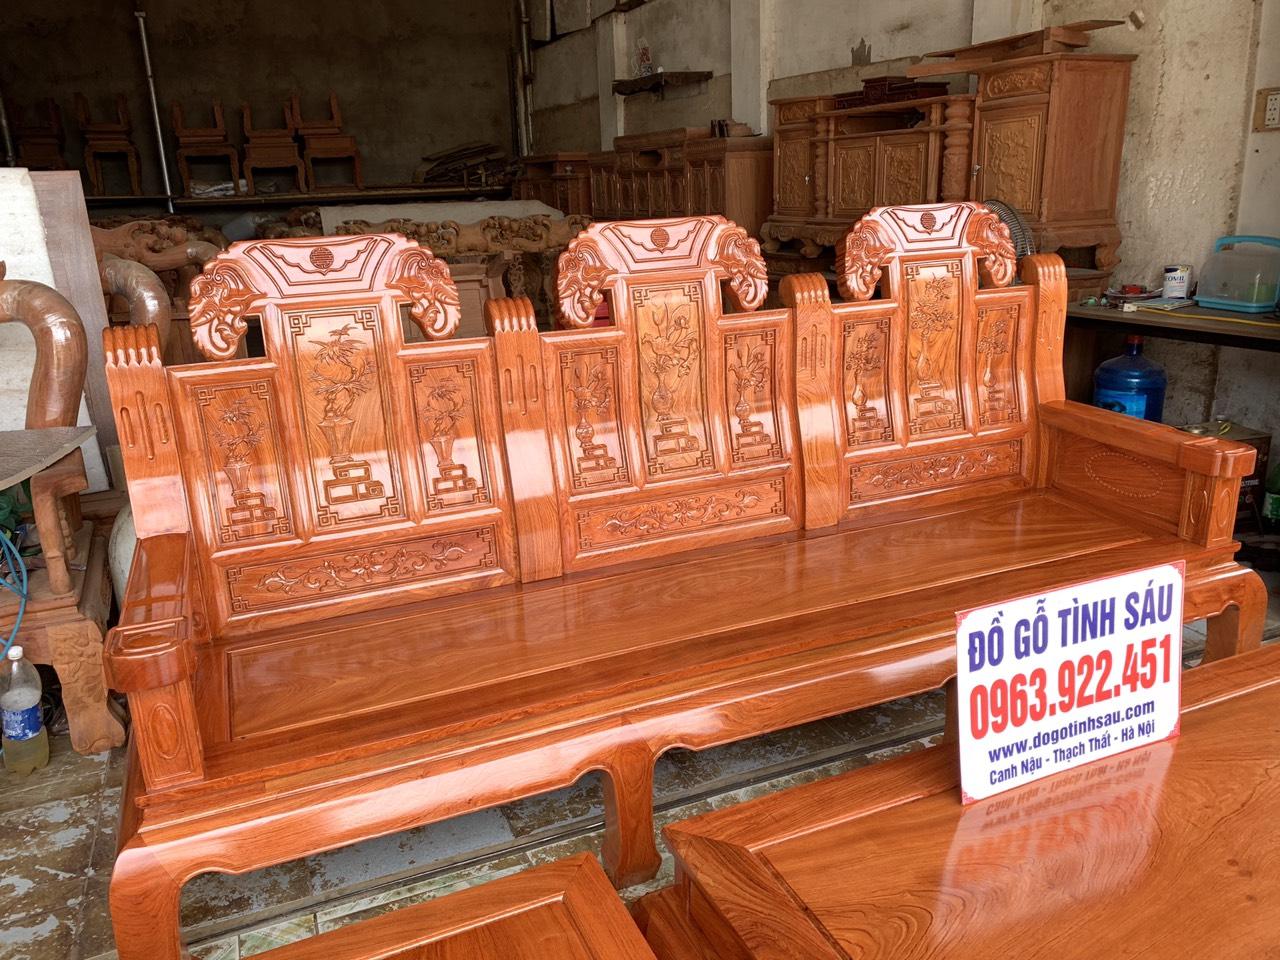 bo ban ghe au a nhu y chuong voi tay dac go huong da 1 - Bộ bàn ghế Âu Á như ý chương voi tay đặc gỗ hương đá (hàng đặt)